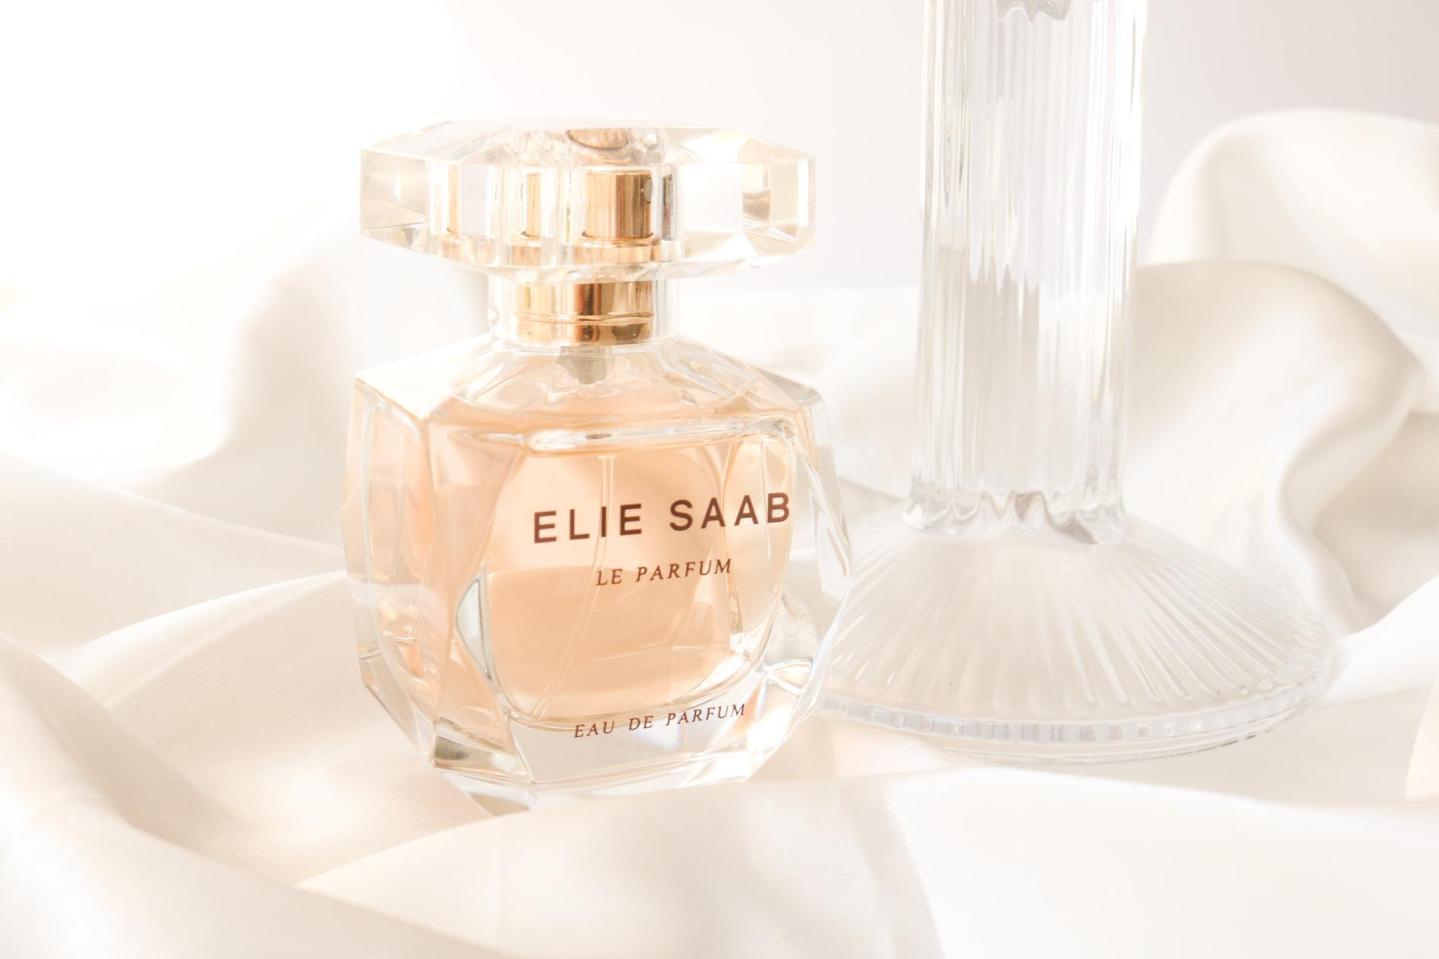 Elie Saab Le Parfum Eau de Parfum review